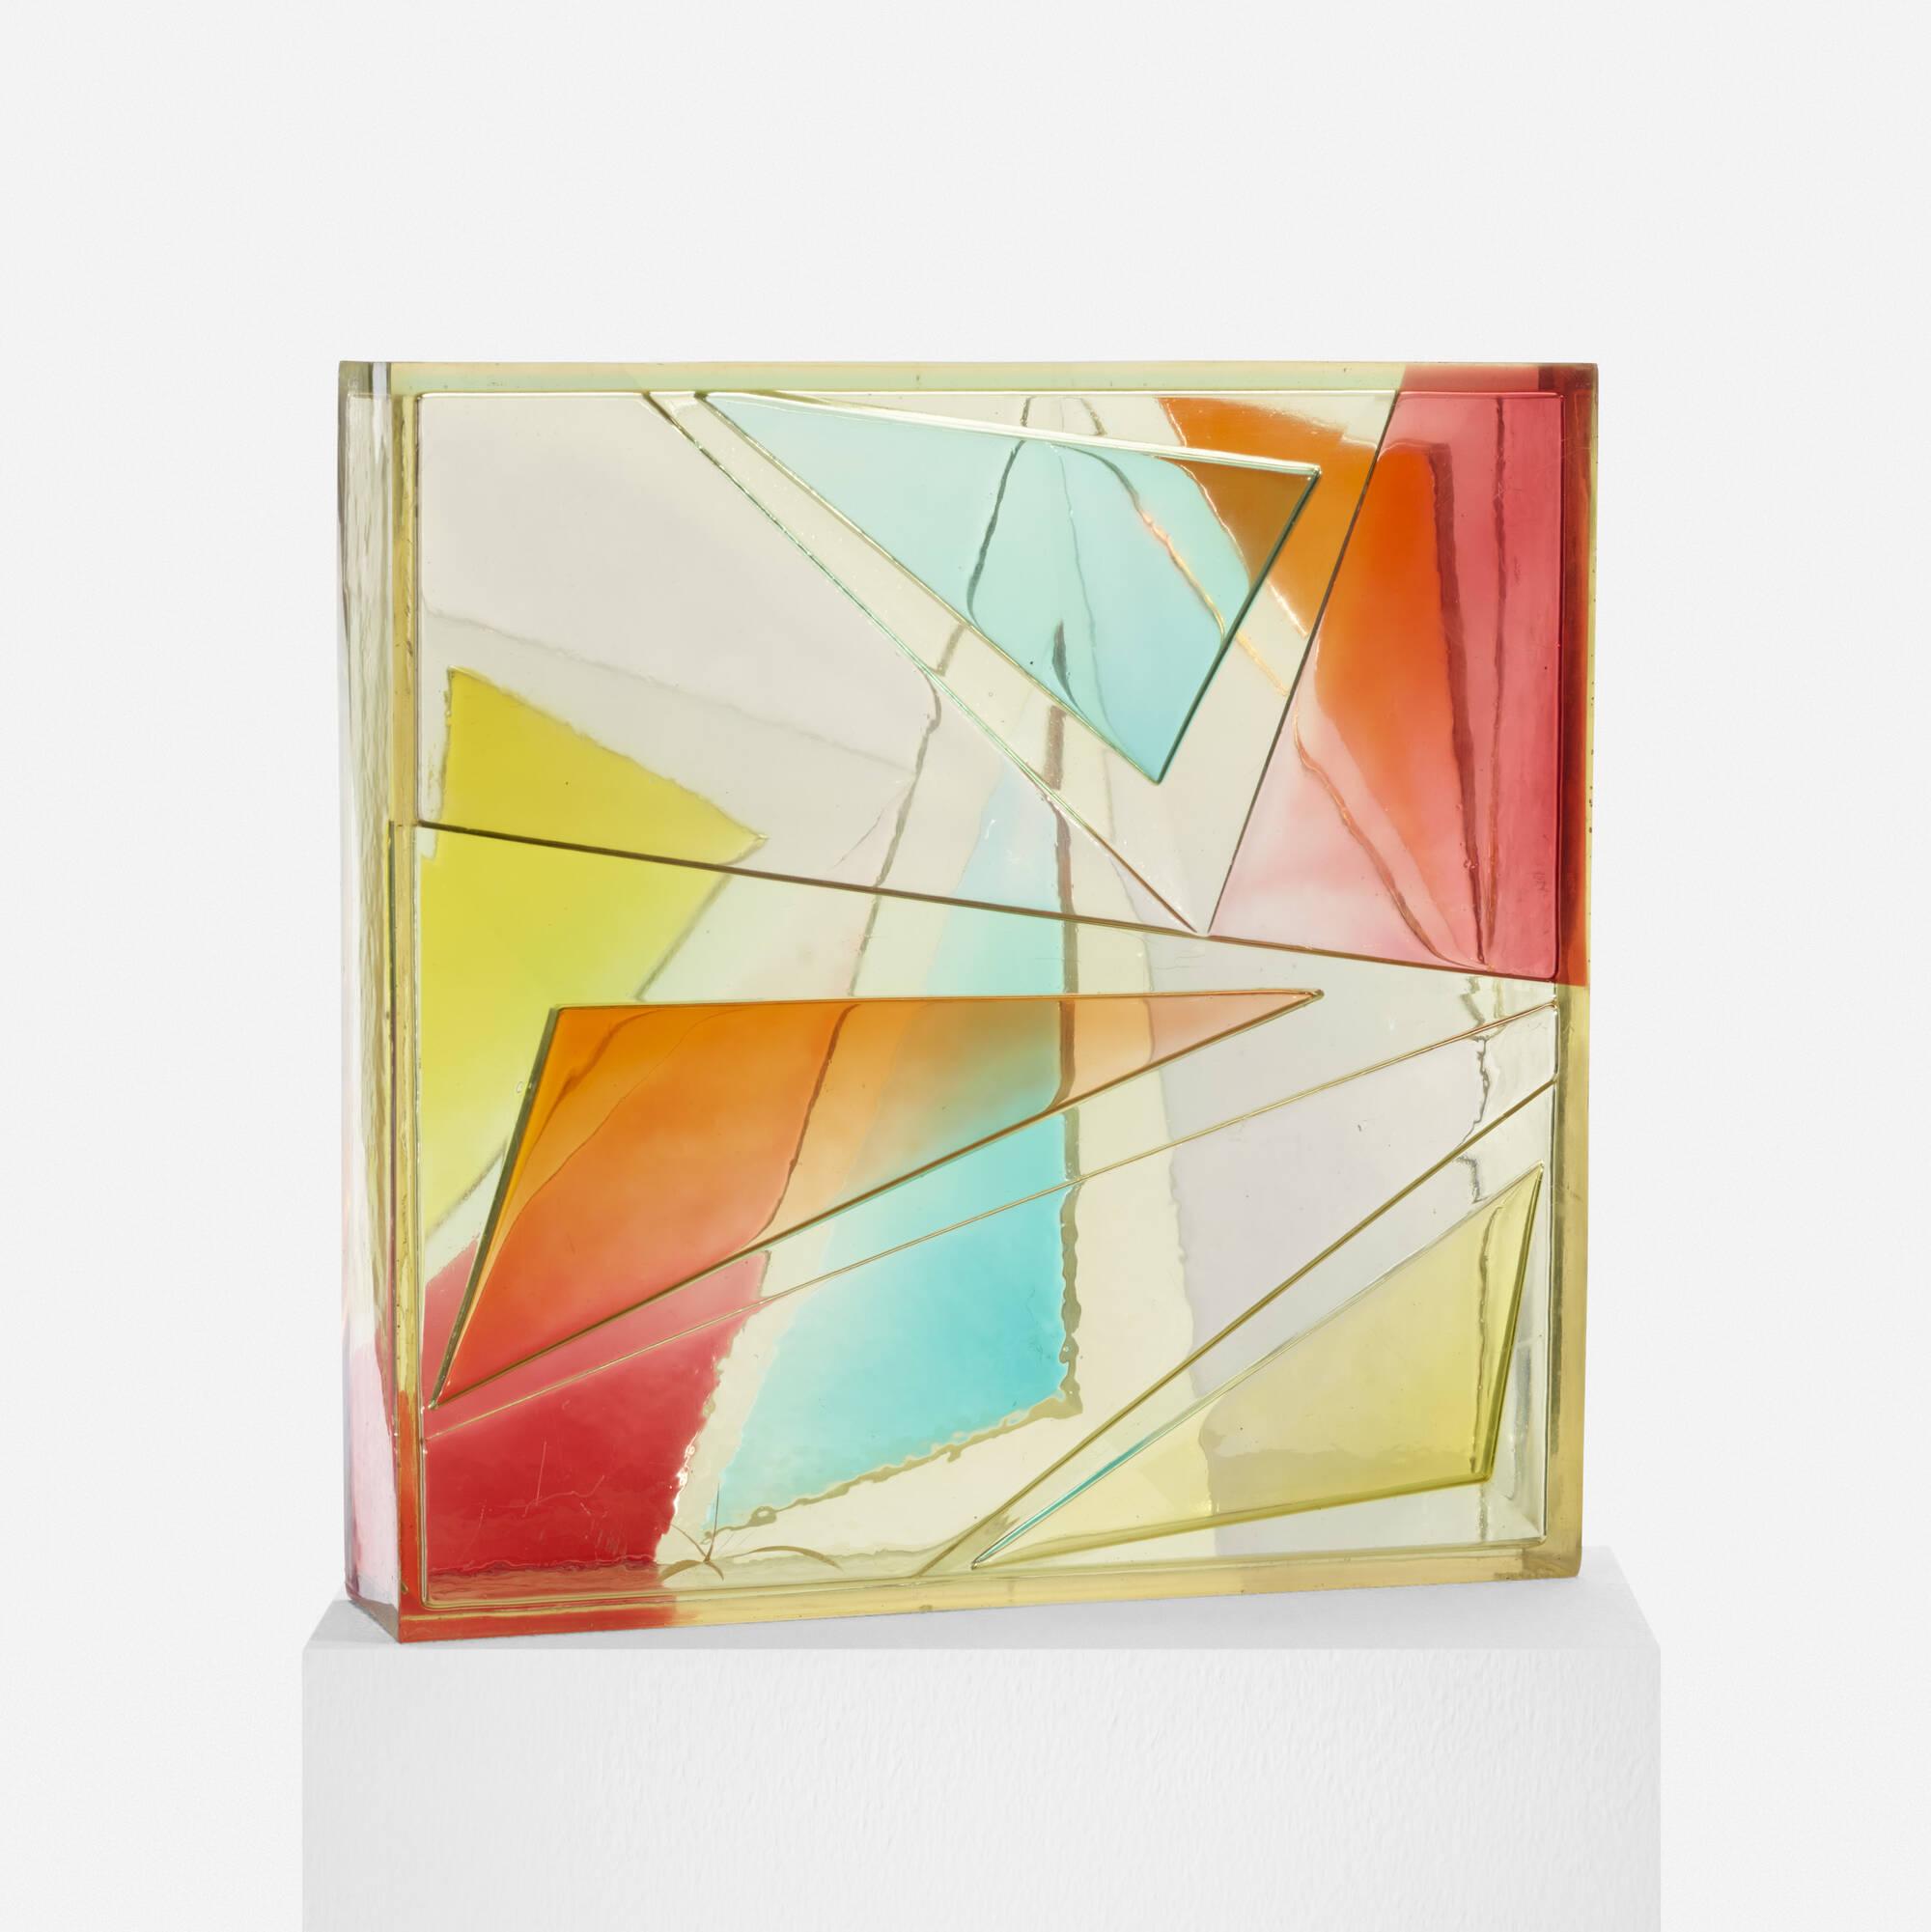 324: Leo Amino / Untitled (No. 94) (1 of 3)